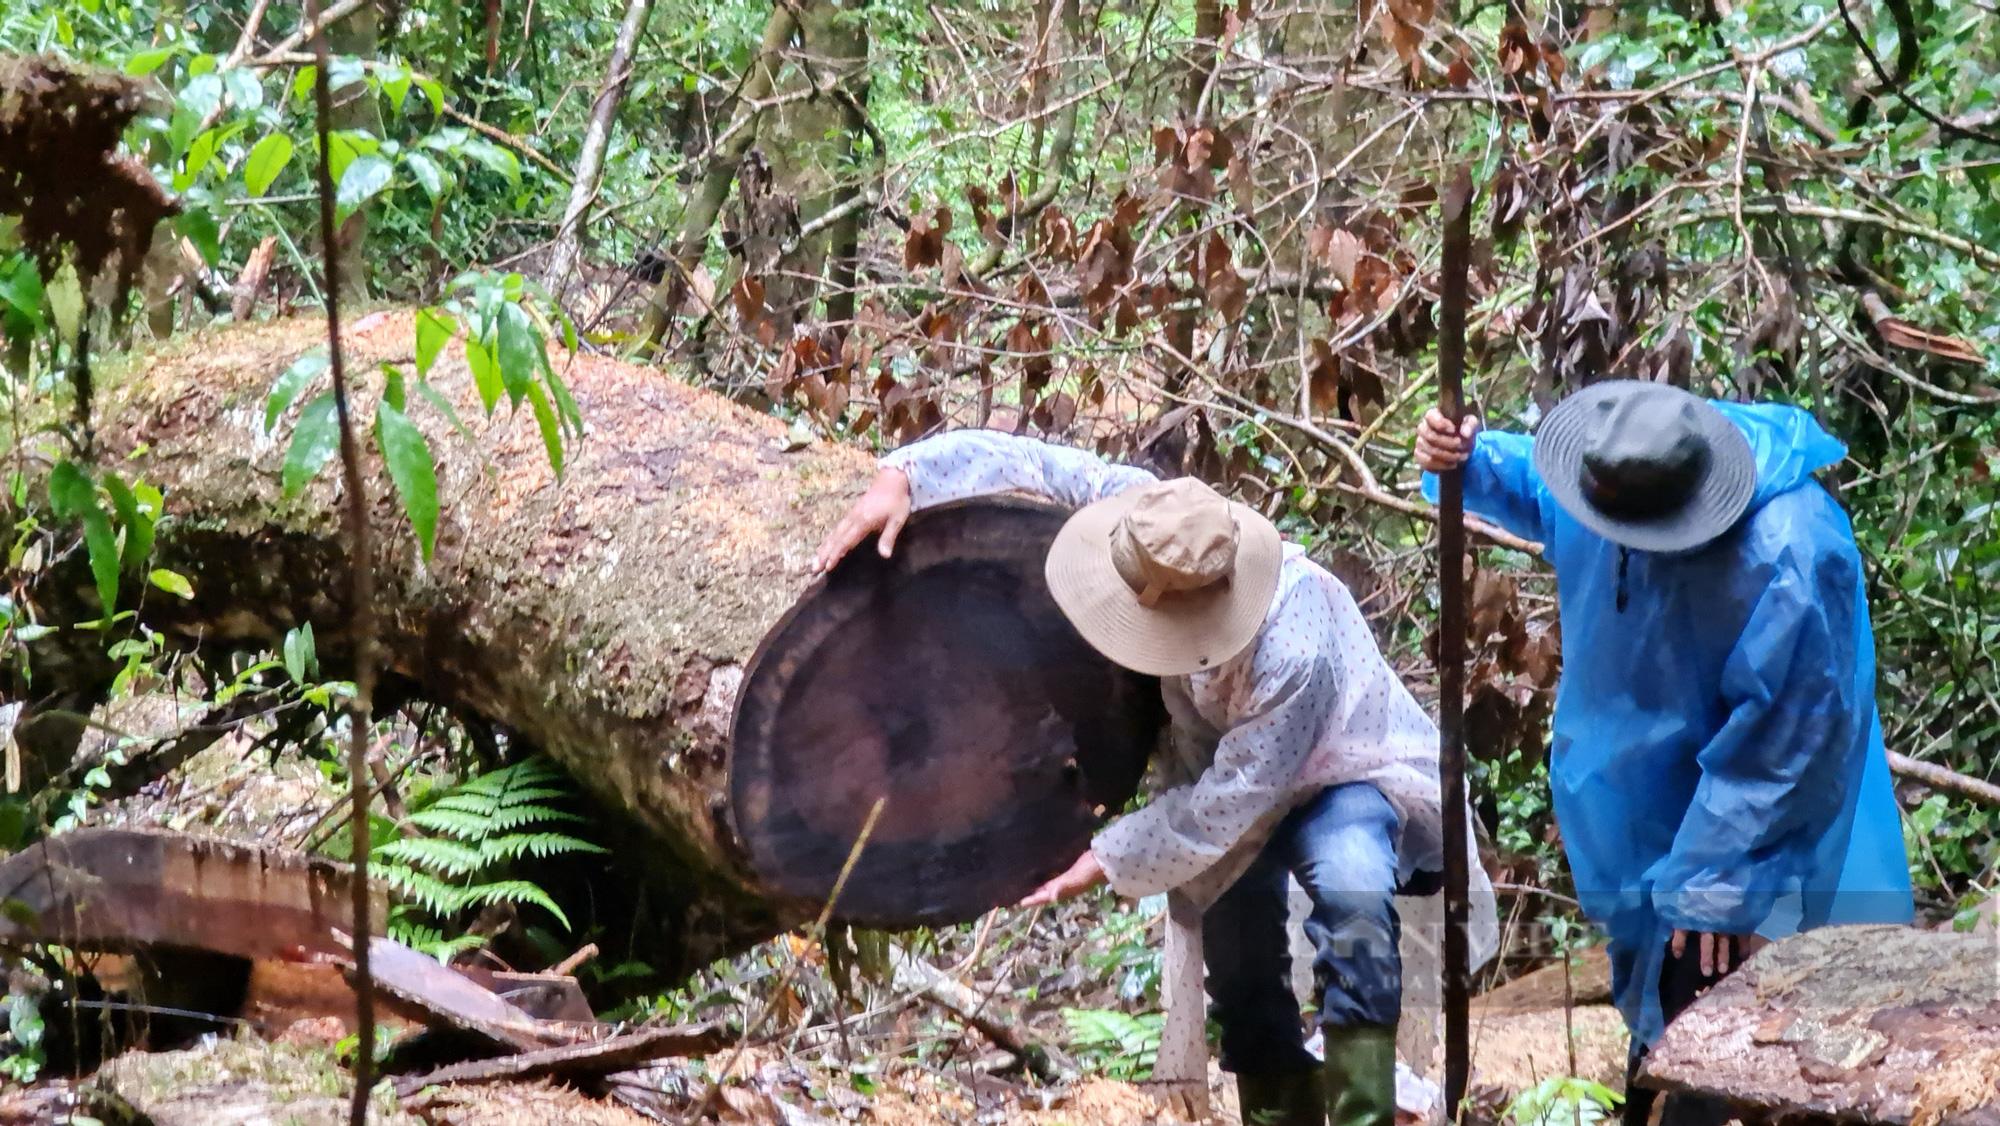 """Lâm Đồng: Hiện trường vụ """"tàn sát"""" rừng dổi tự nhiên ở khu vực giáp ranh của 3 huyện - Ảnh 1."""